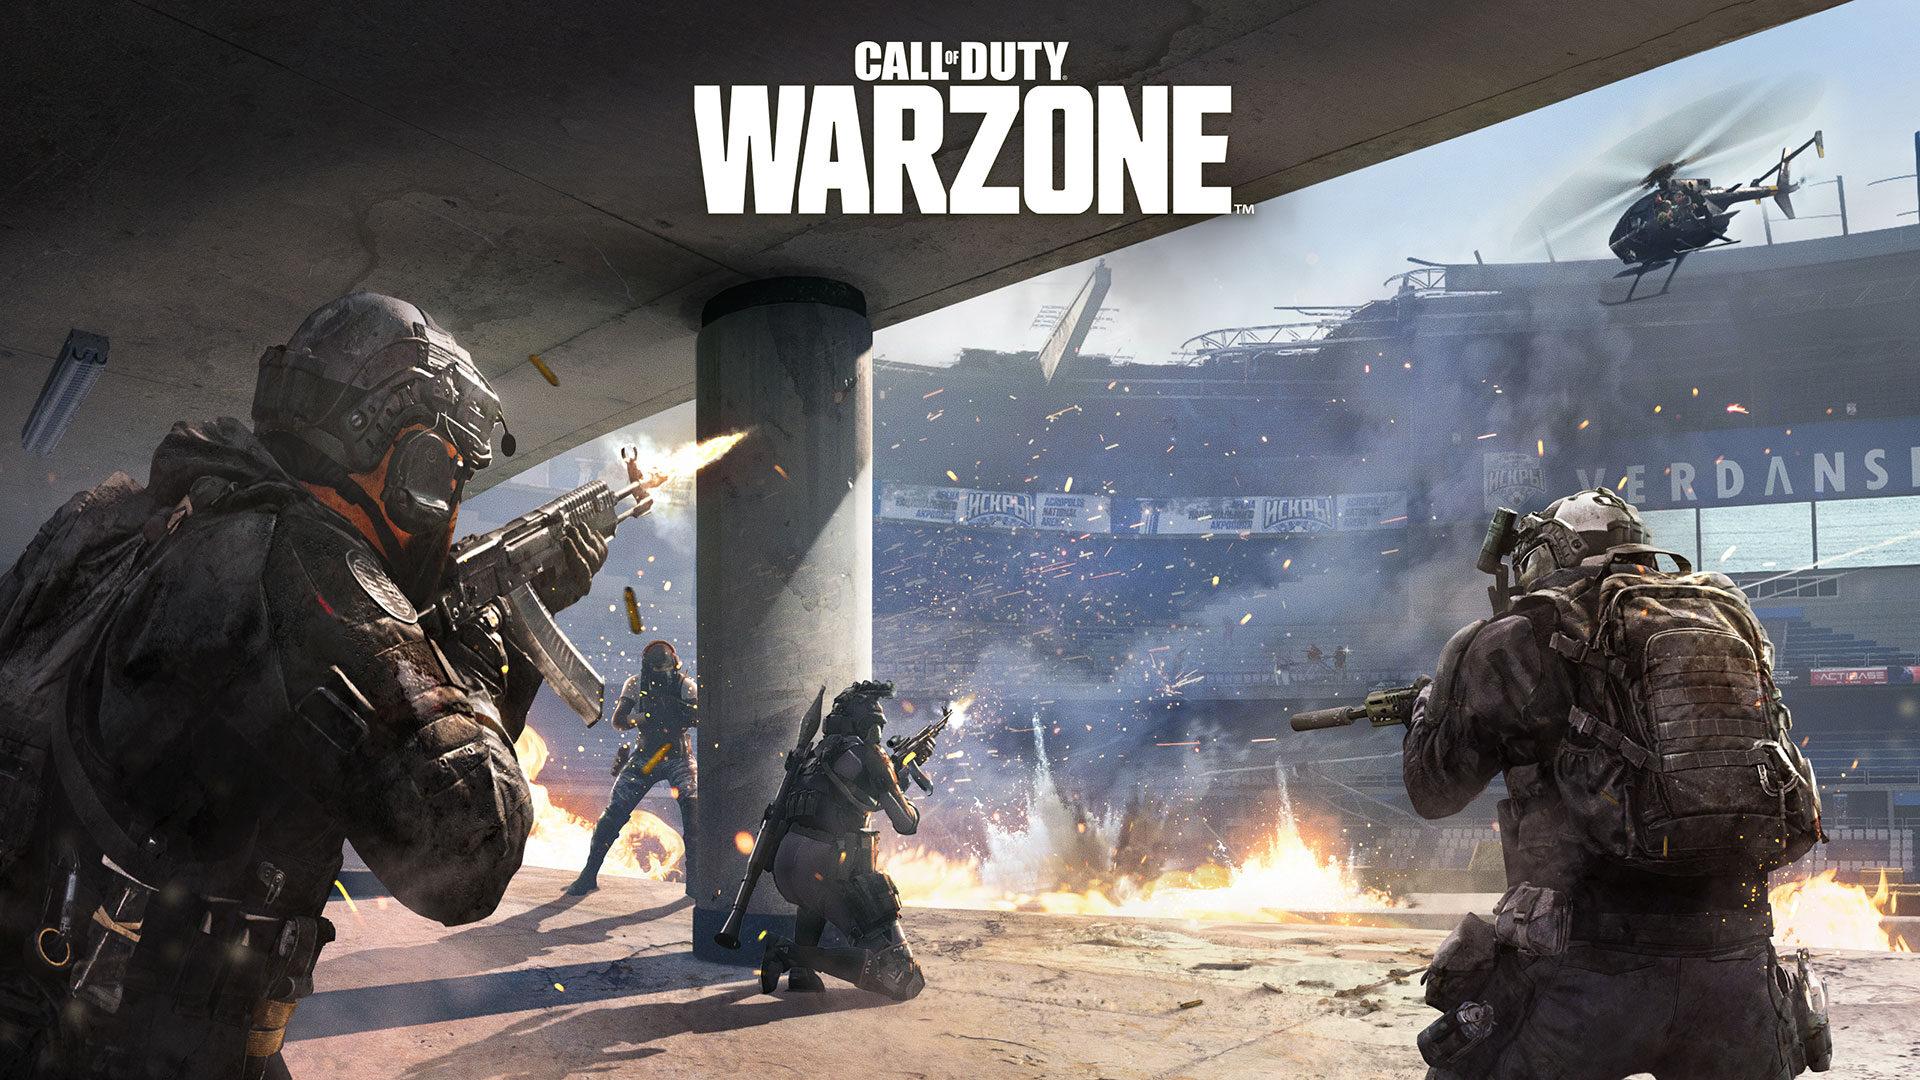 COD Warzone تحديث منتصف الموسم الخامس تحديات ألعاب الصيف